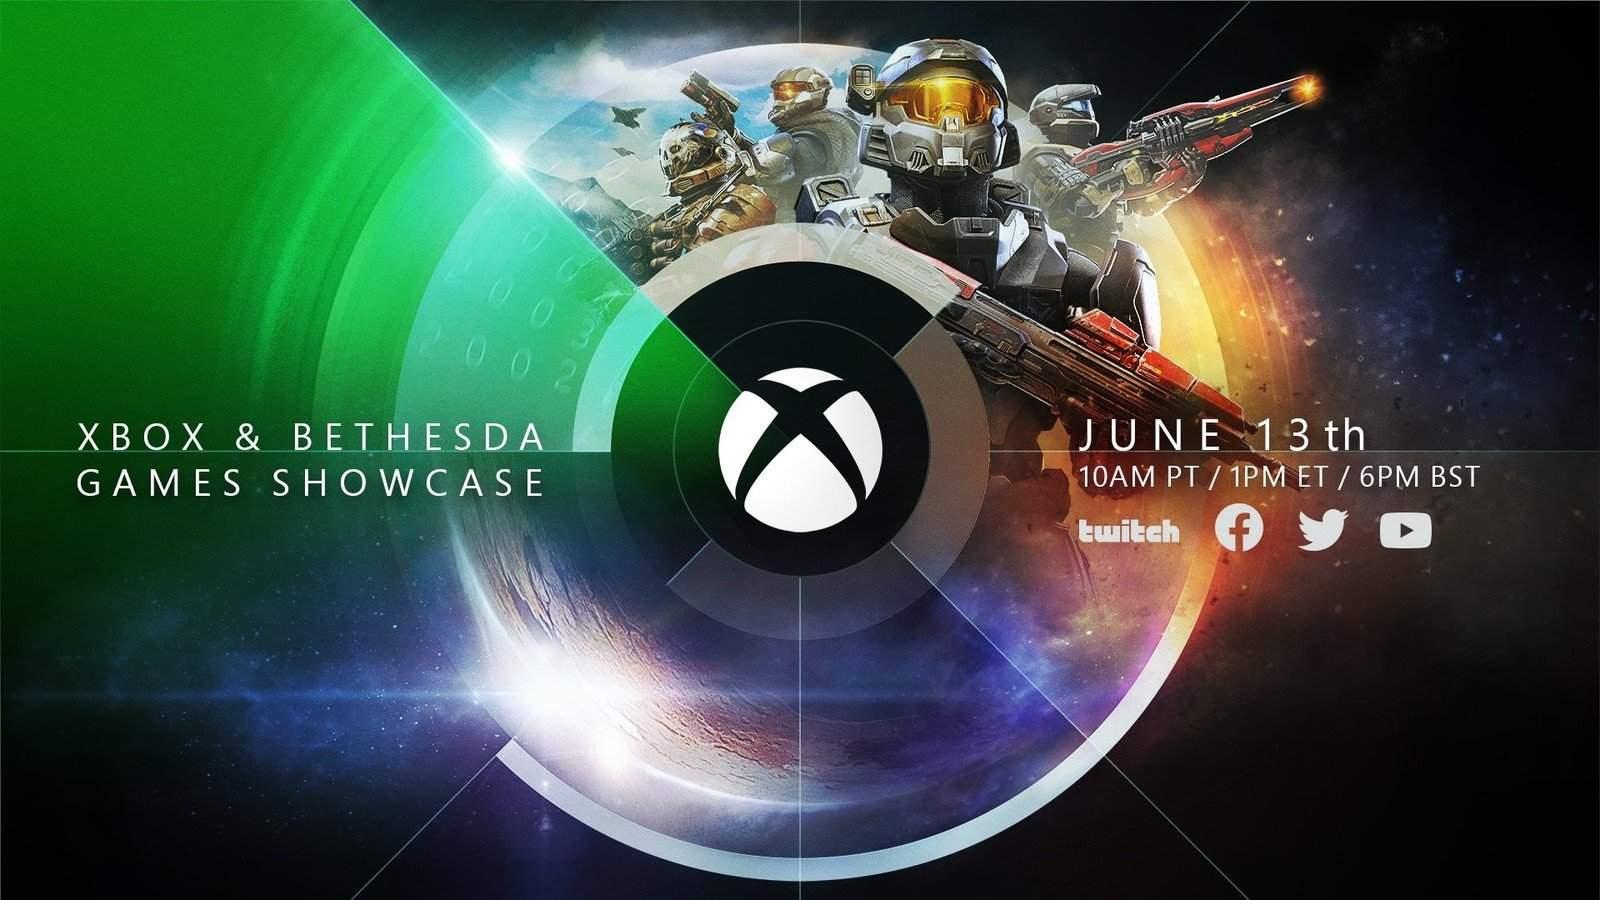 پخش زنده کنفرانس مایکروسافت و بتسدا در رویداد E3 2021 | ساعت ۲۱:۳۰ به وقت تهران